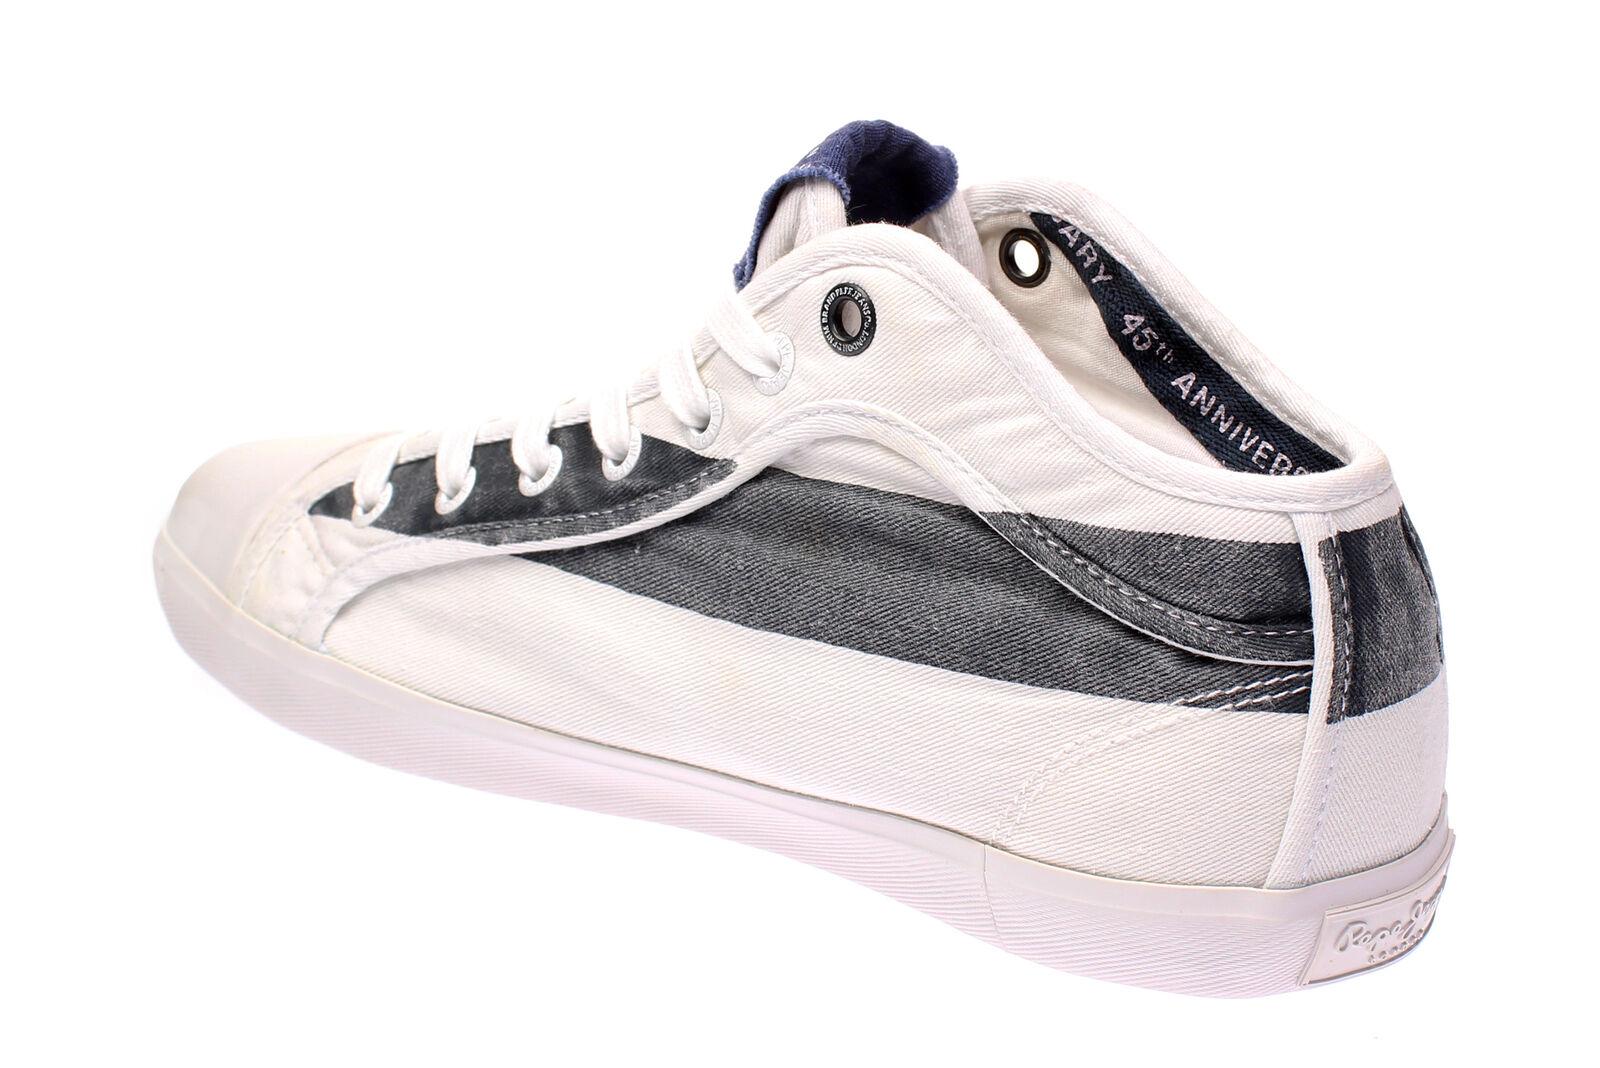 Pepe Footwear Herren PMS30431 IN 45 - Herren Footwear Schuhe Sneaker - 595-navy 392e86